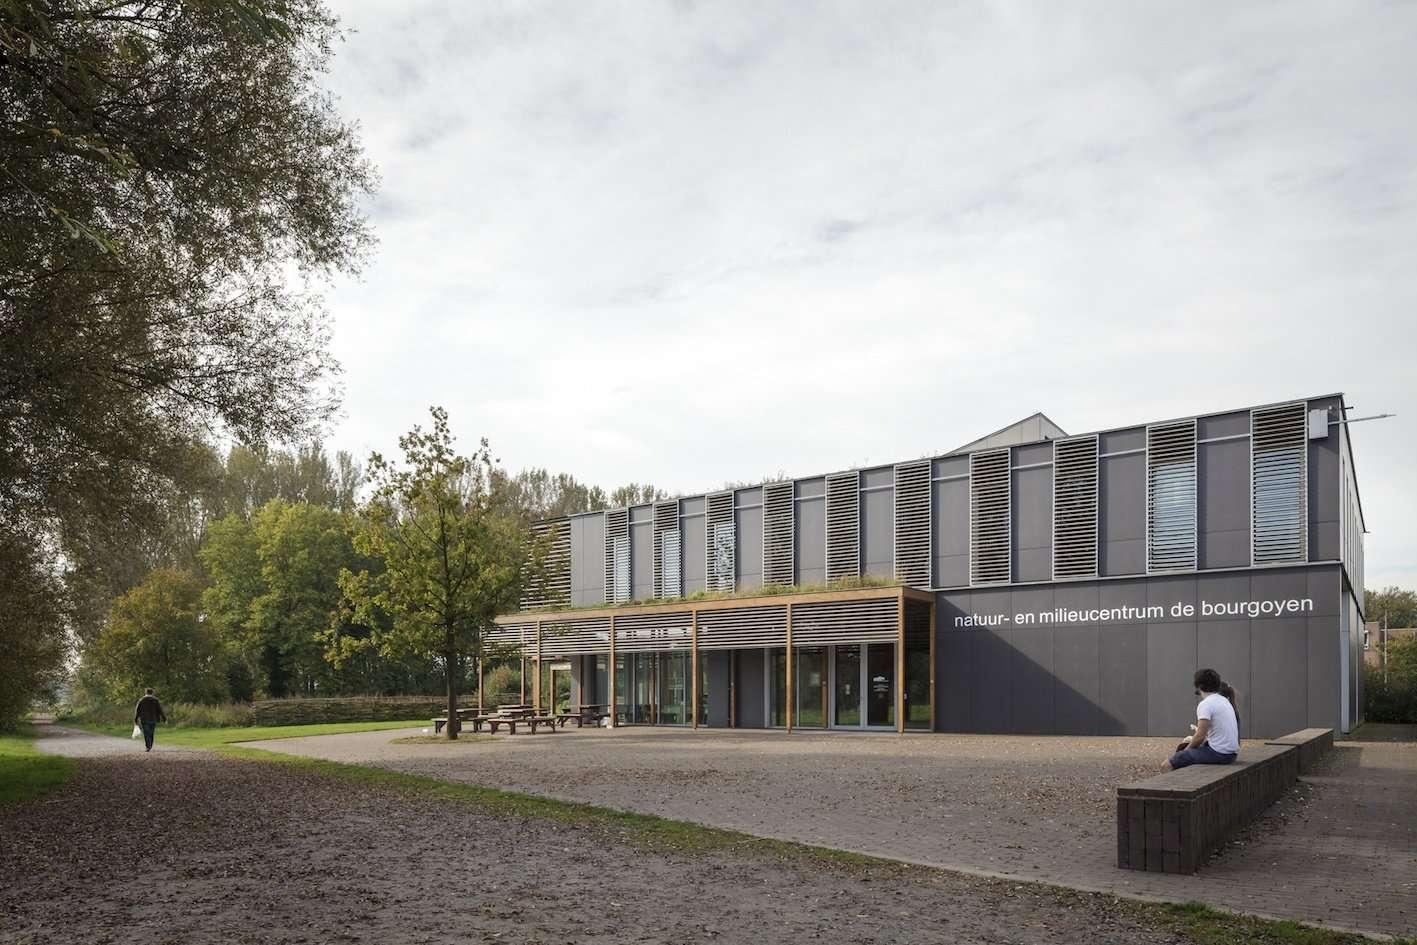 bezoekerscentrum de bourgoyen mariakerke <span>2008, gent, natuurcentrum, ossemeersen</span>